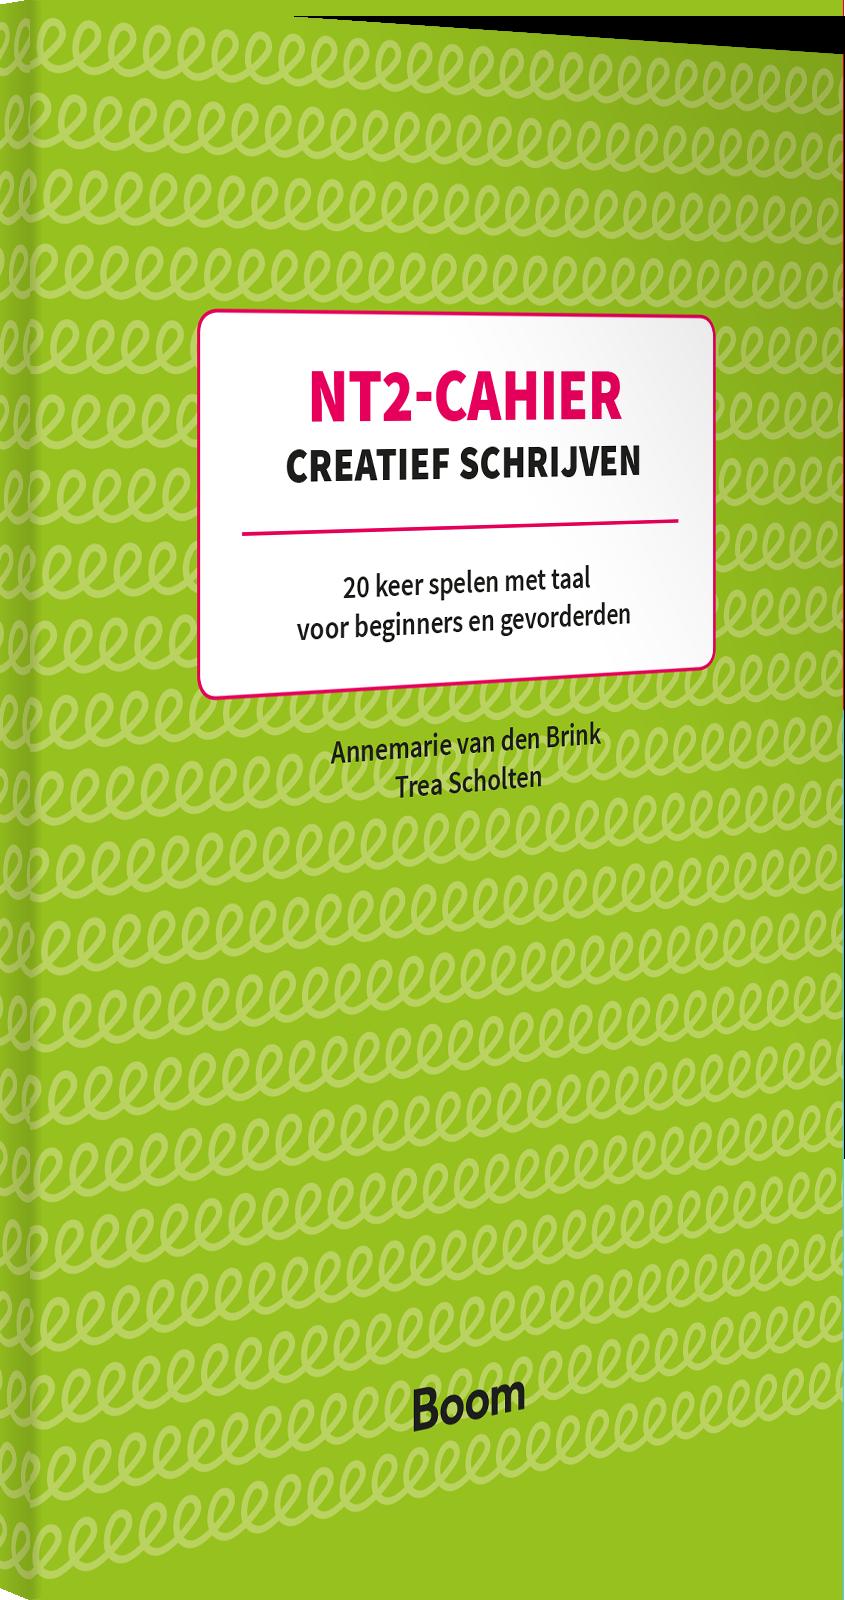 Bekend NT2.nl | NT2-Cahier Creatief schrijven | Annemarie van den Brink @XV86